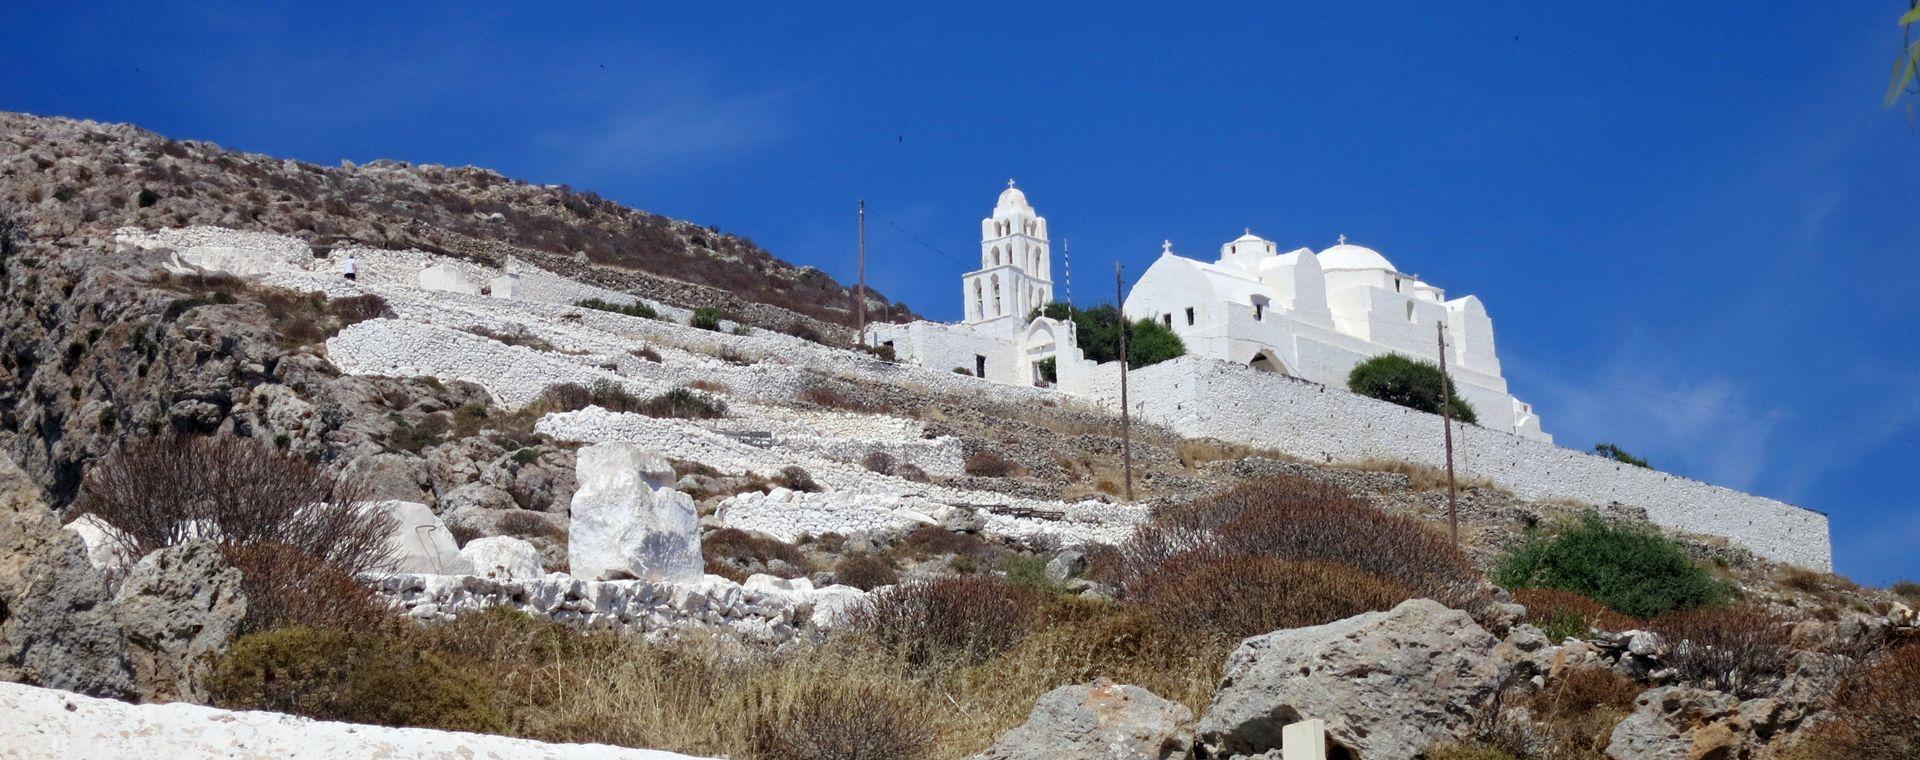 Voyage à pied : Les Cyclades : Santorin, Paros et Folégandros